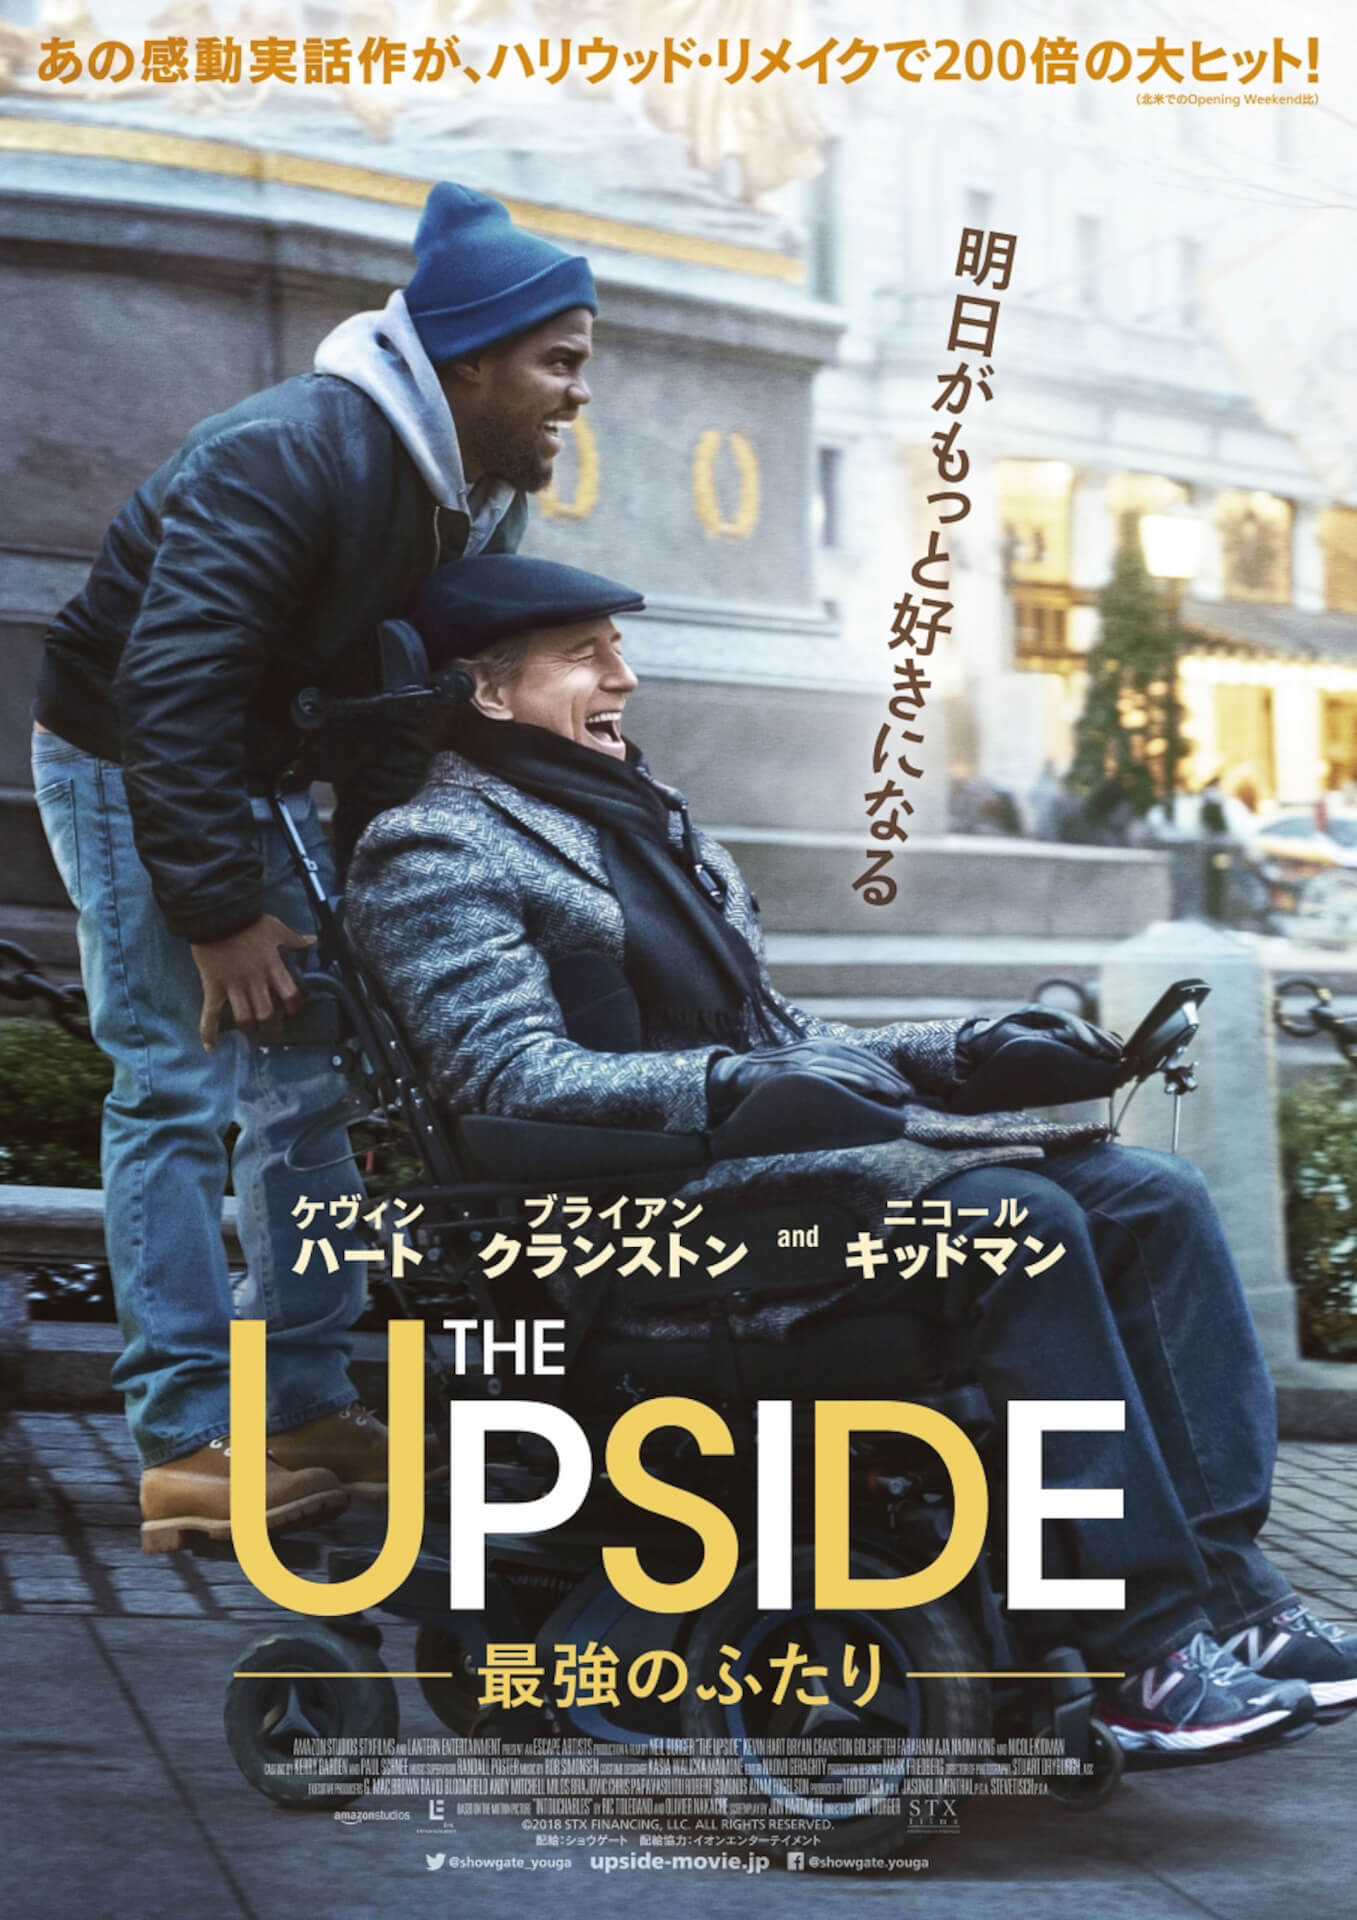 綾戸智恵、小堺一機、林家木久扇など各界著名人が大絶賛!『THE UPSIDE/最強のふたり』へのコメントが到着 film191203_theupside_1